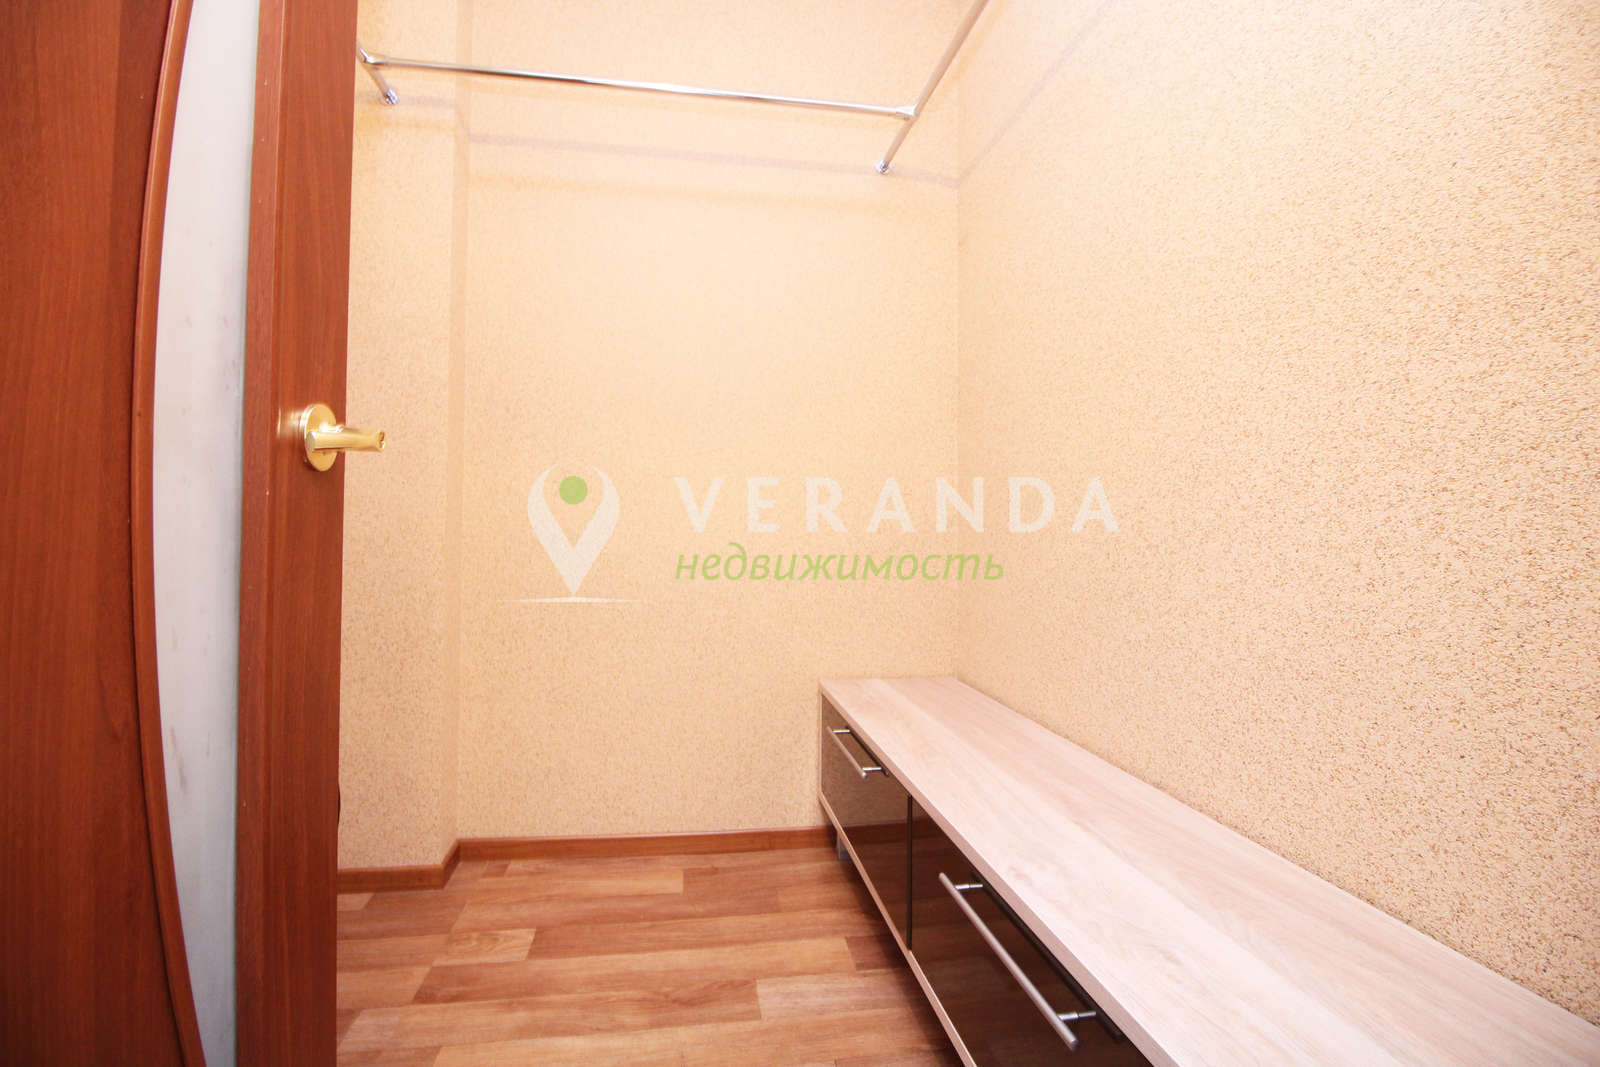 Продажа 1-комнатной квартиры, г. Тольятти, Маршала Жукова улица  дом 2